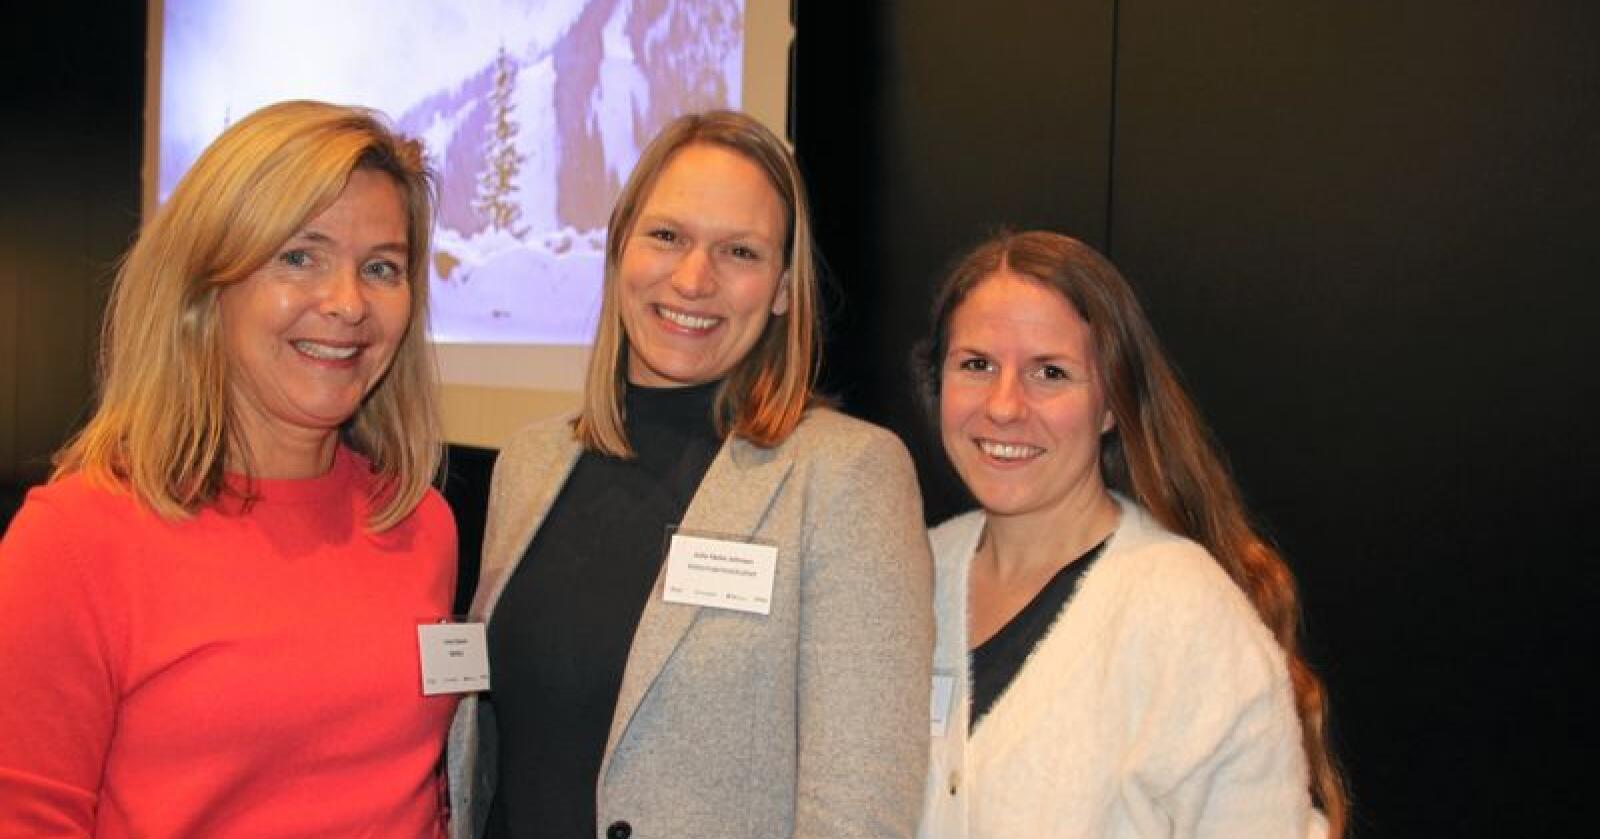 Irma Oskam fra NMBU, Julie Føske Johnsen fra Veterinærinstituttet og Stine Grønmo Kischel fra Tine er med i gruppa som utvikler Smart Calf Care. Foto: Andrea Sofie Aasvang